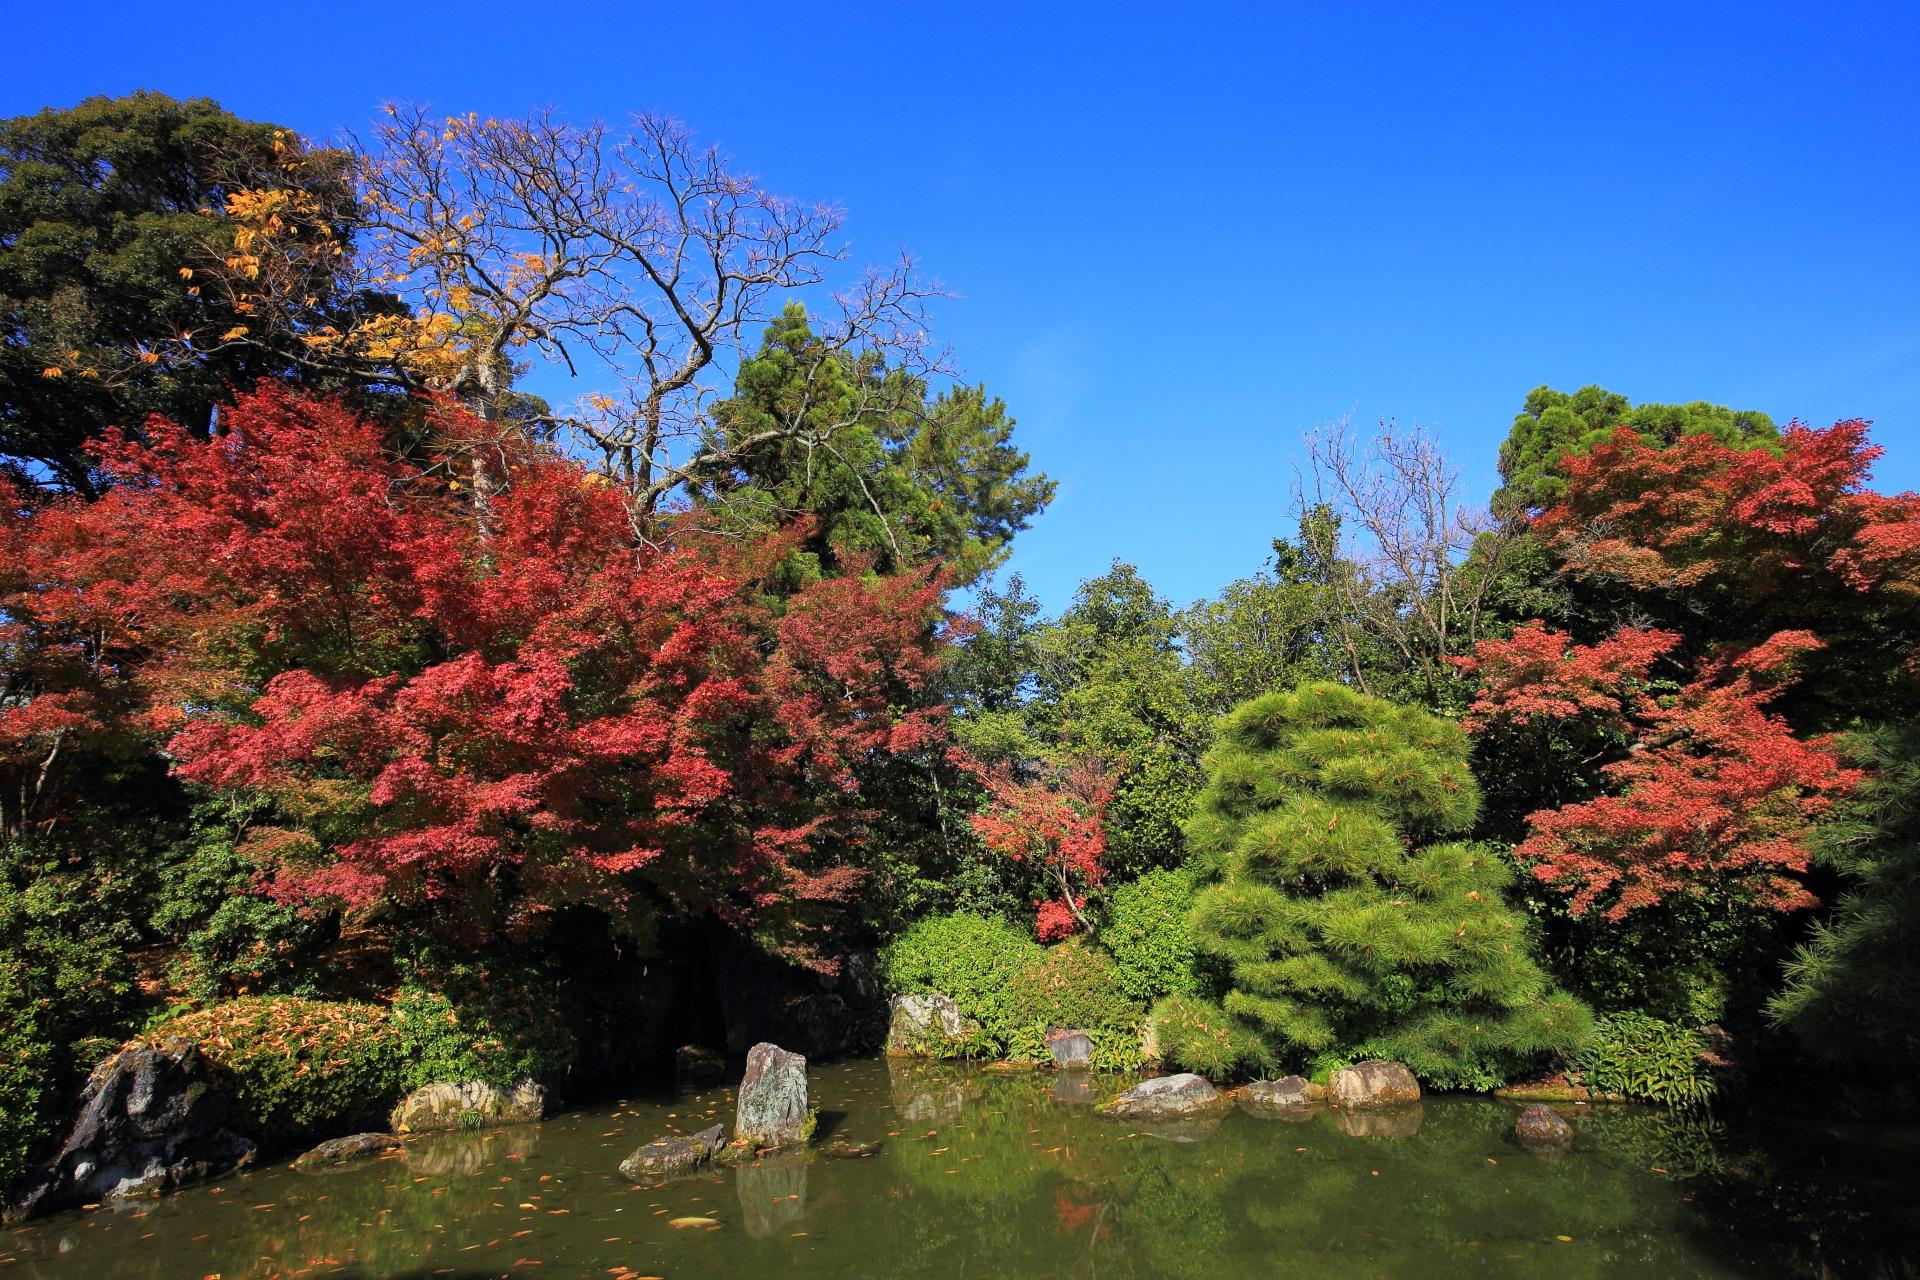 城南宮の水辺の鮮やかな紅葉と青空